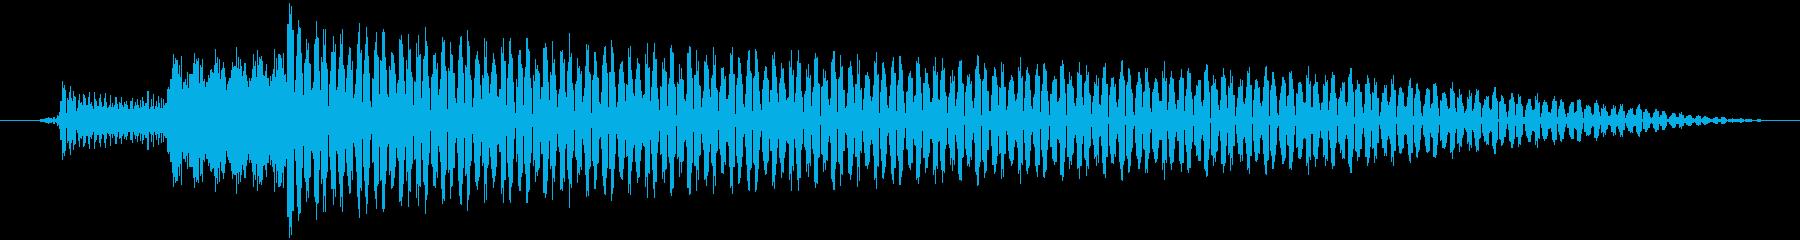 ベースの和音で穏やかな音色素材です。の再生済みの波形